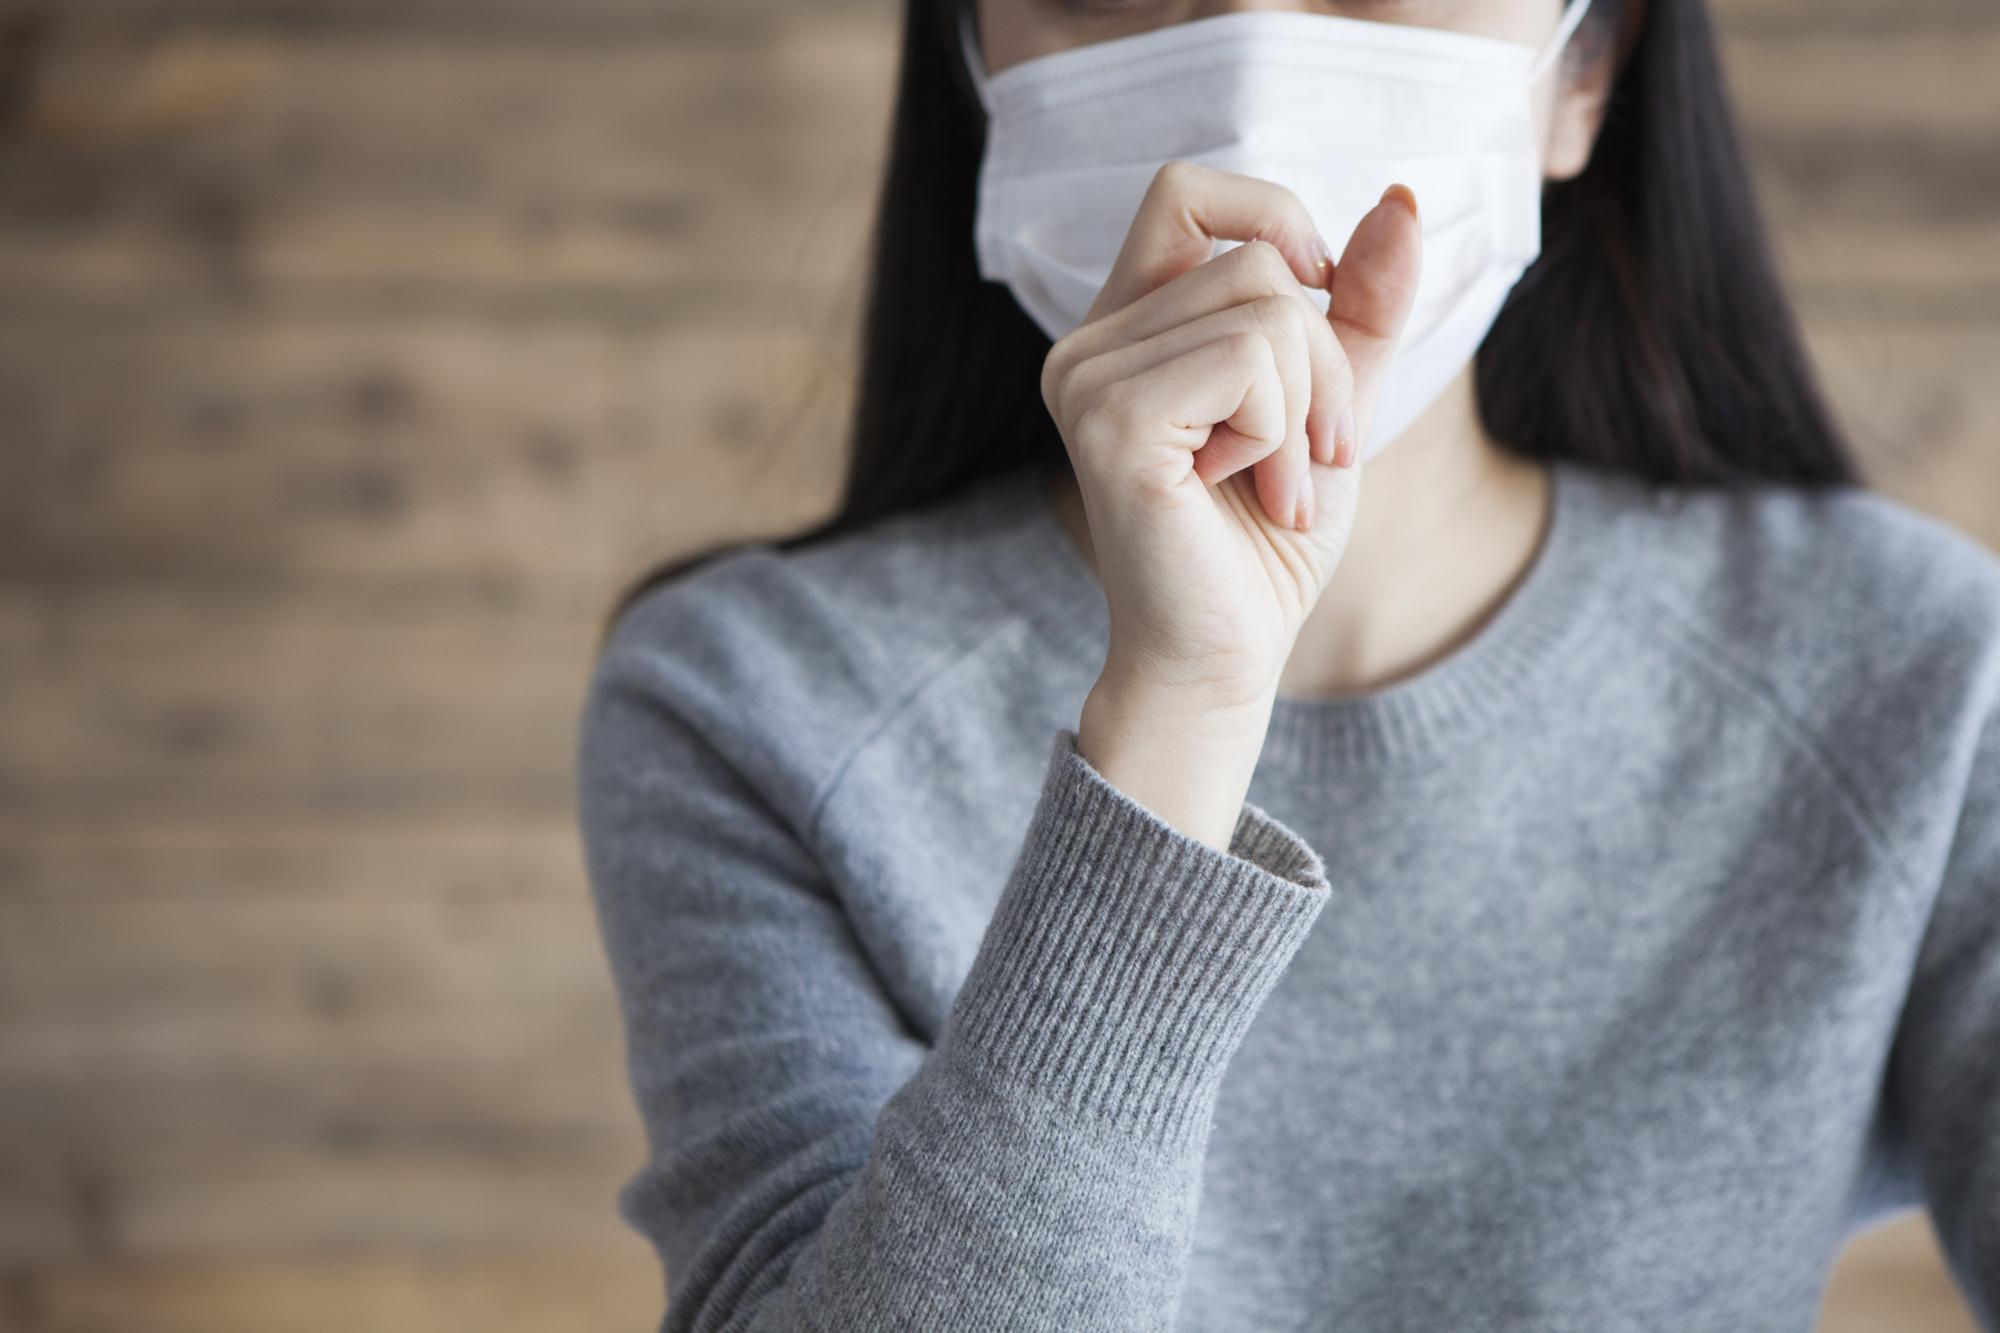 特徴 型 インフルエンザ a インフルエンザA型の潜伏期間と症状や特徴!対処法は?